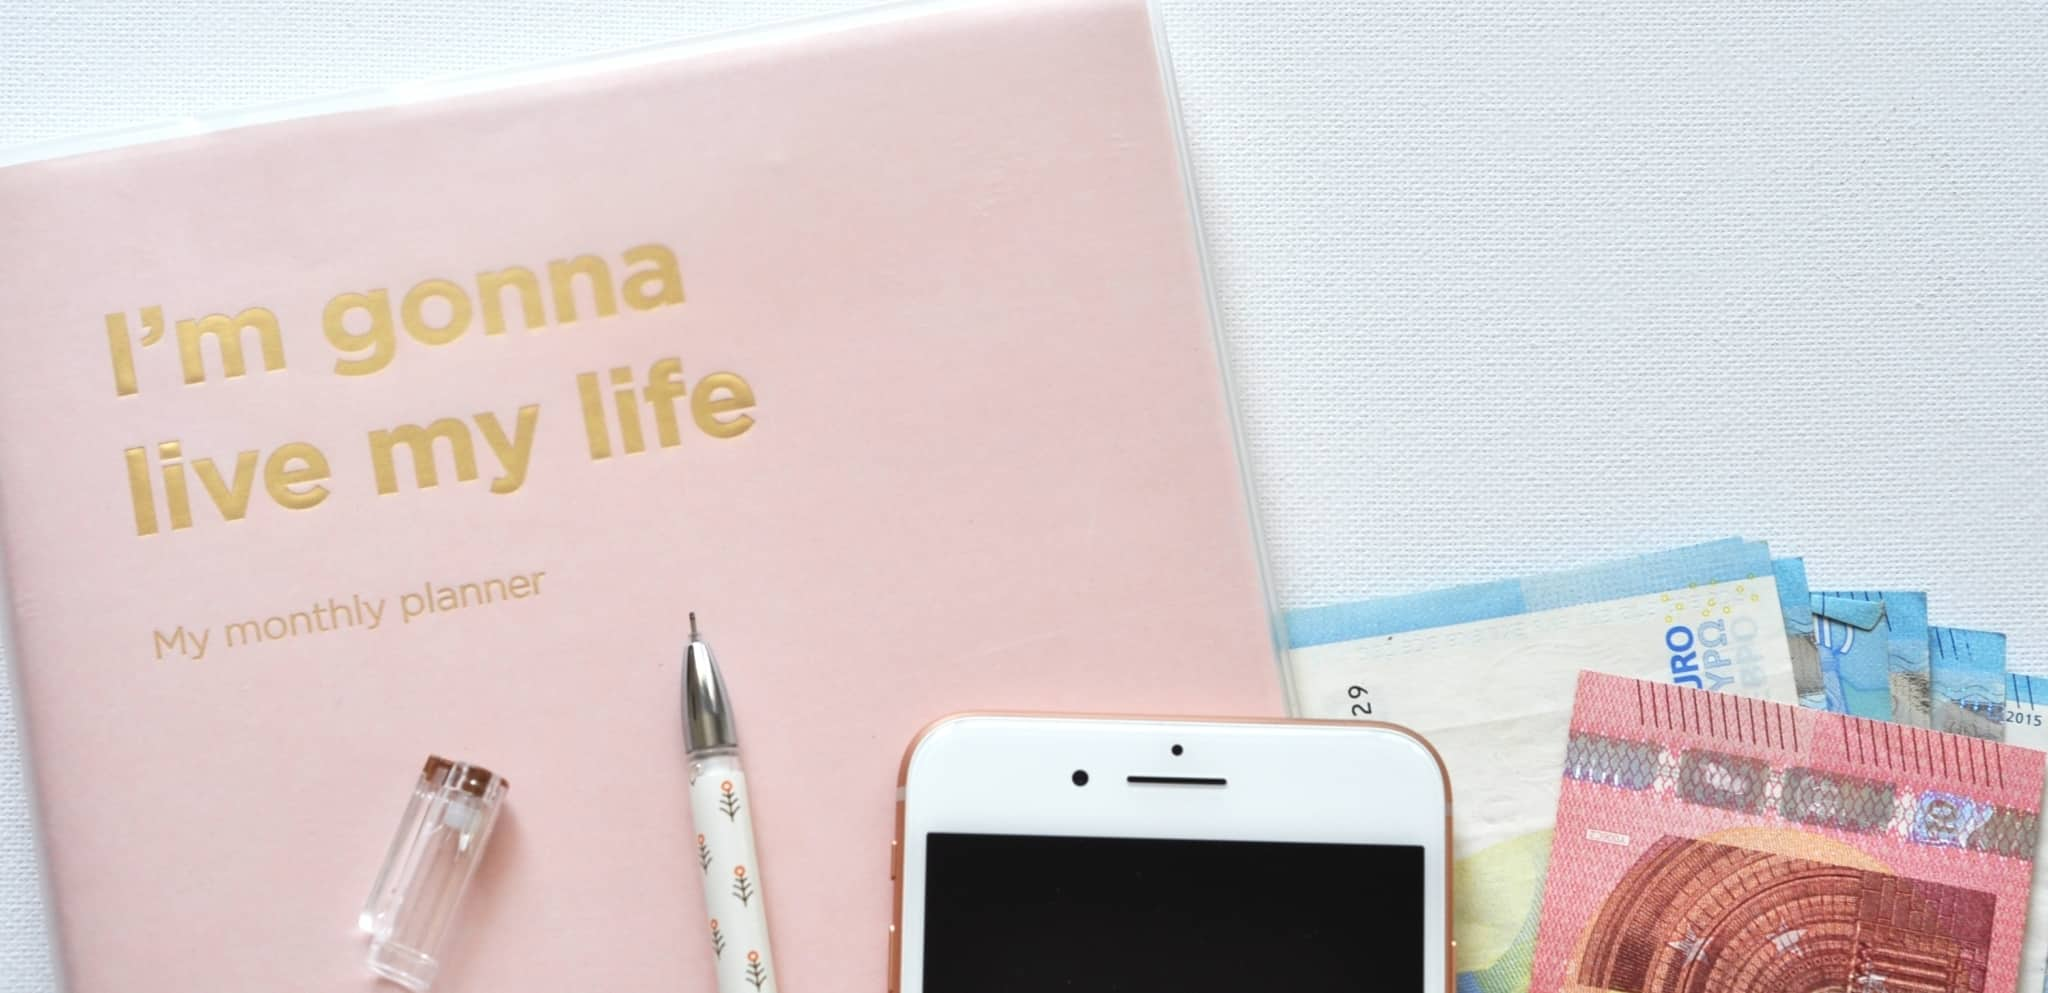 Livro para planear o mês com um telemóvel e notas ao lado